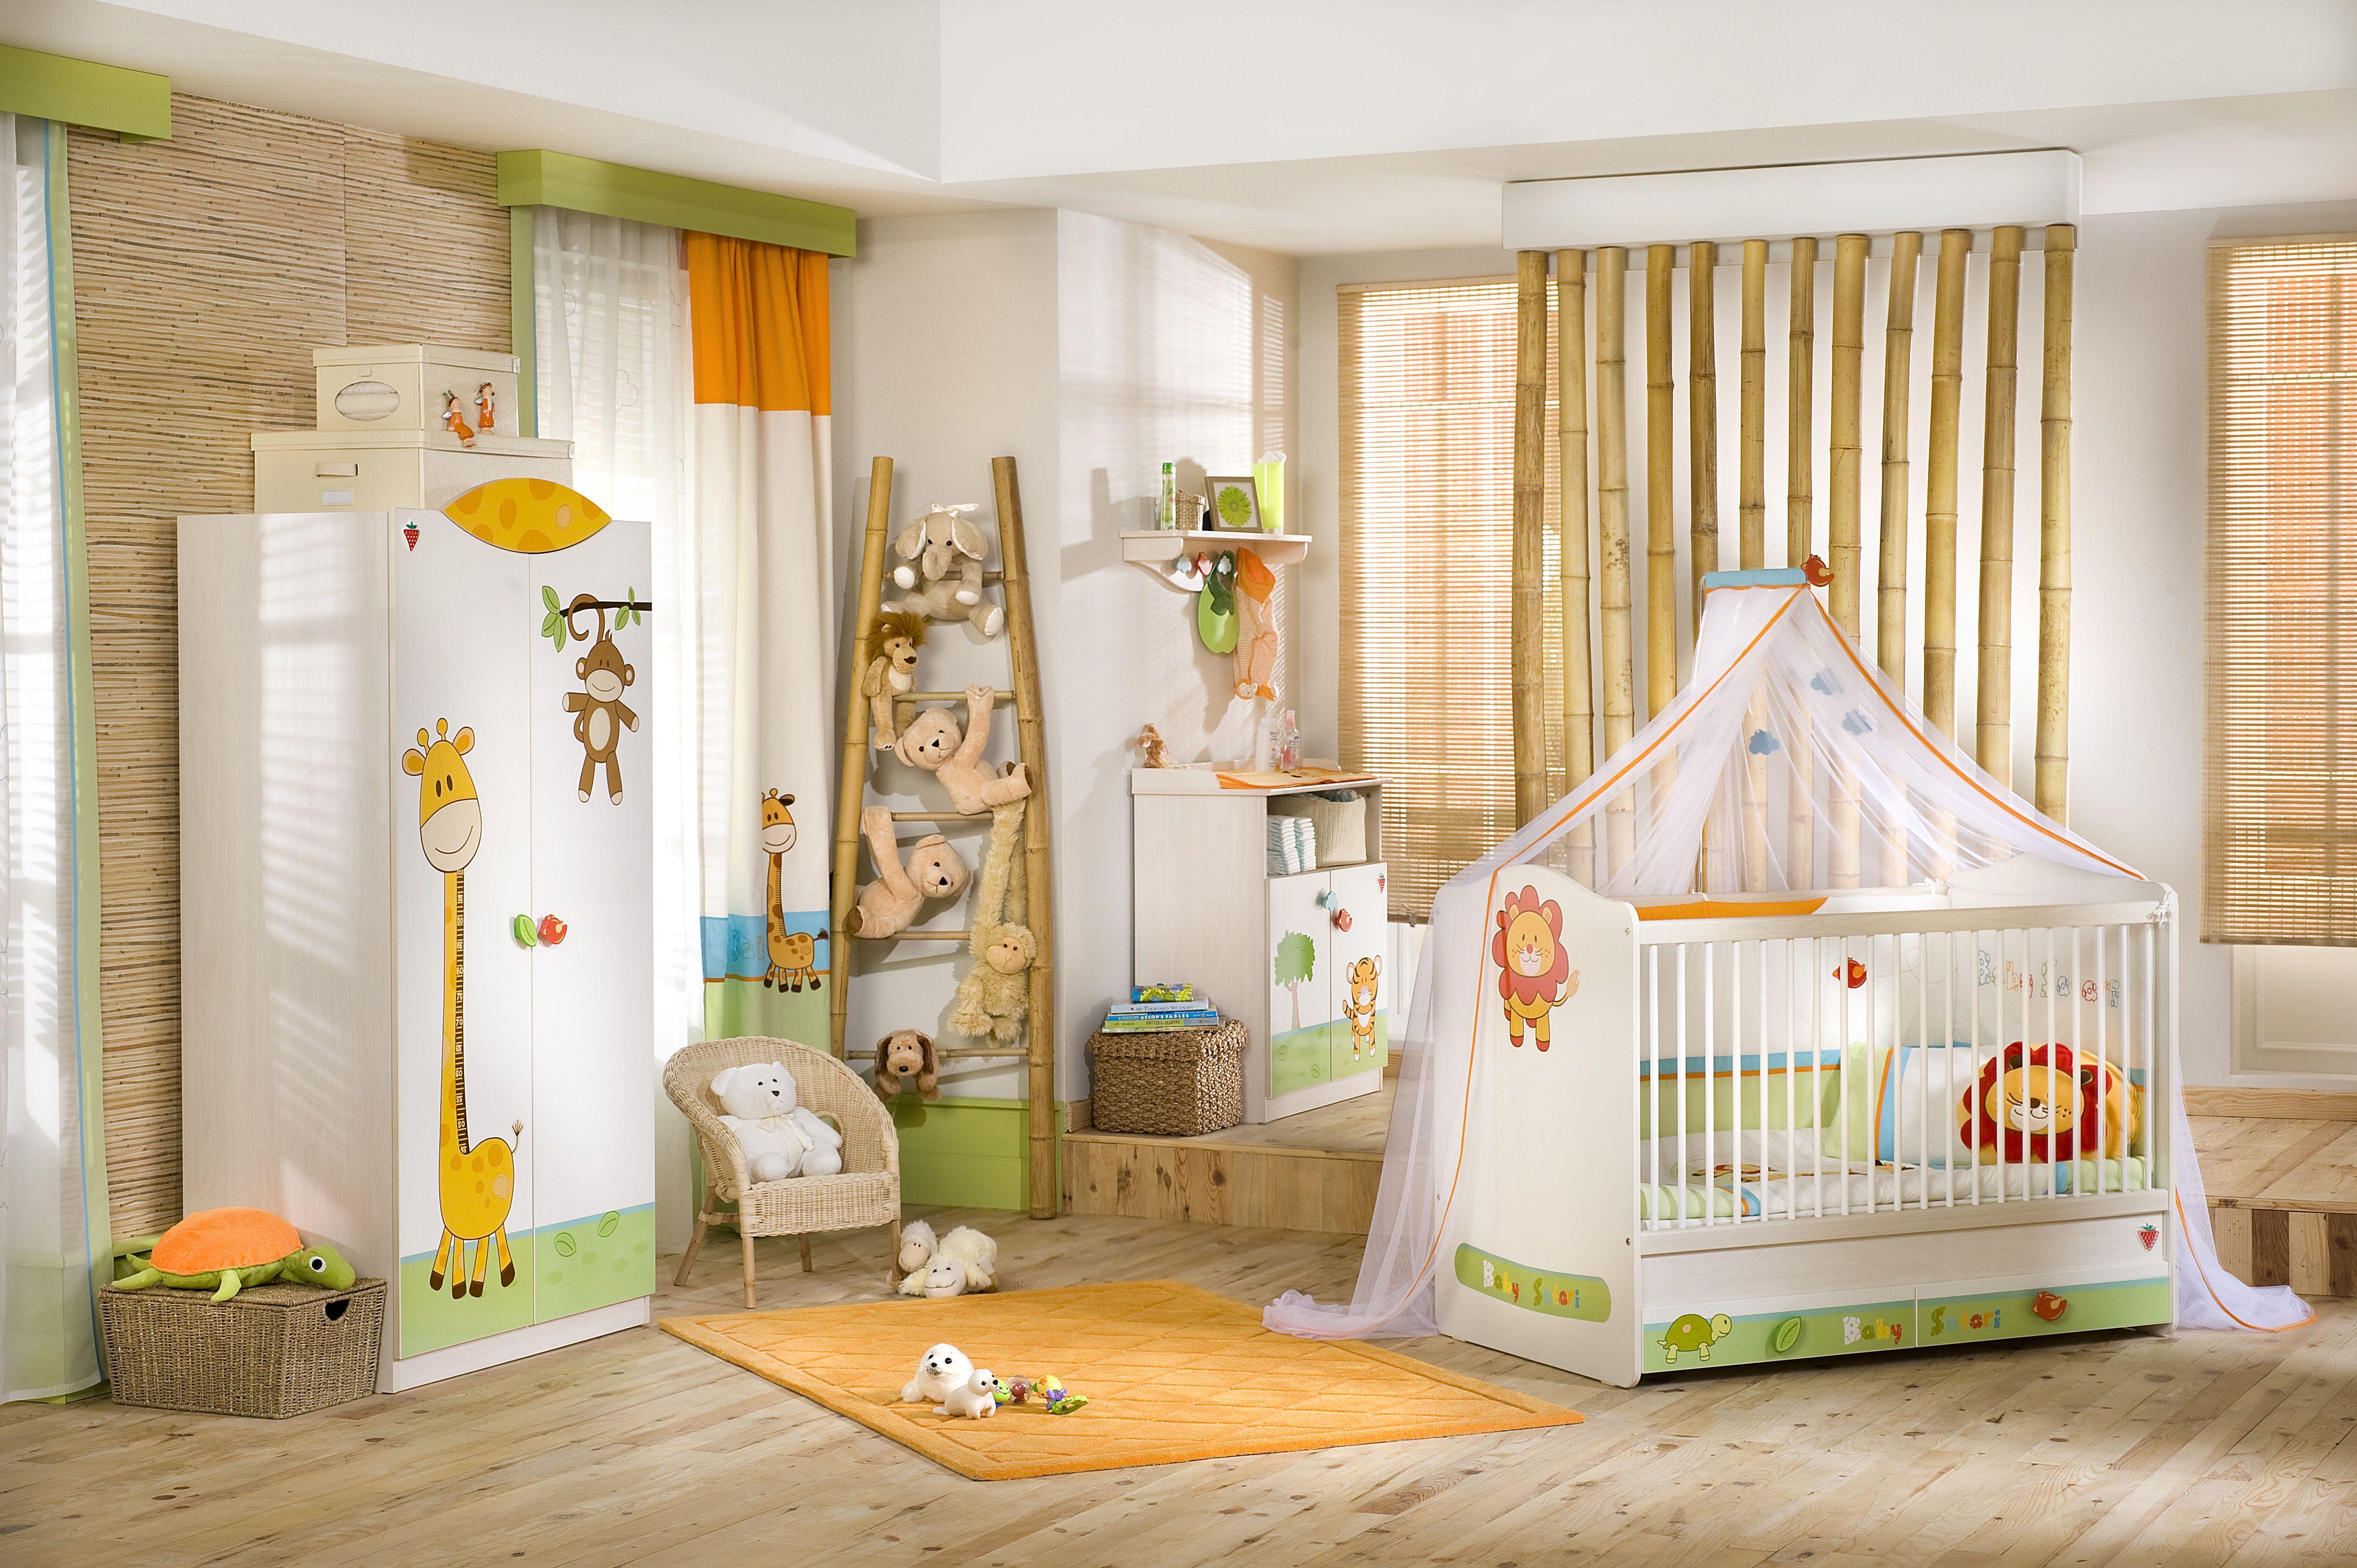 la decoracin de animales en el cuarto de tu bebe ser una buena opcin que refrescar